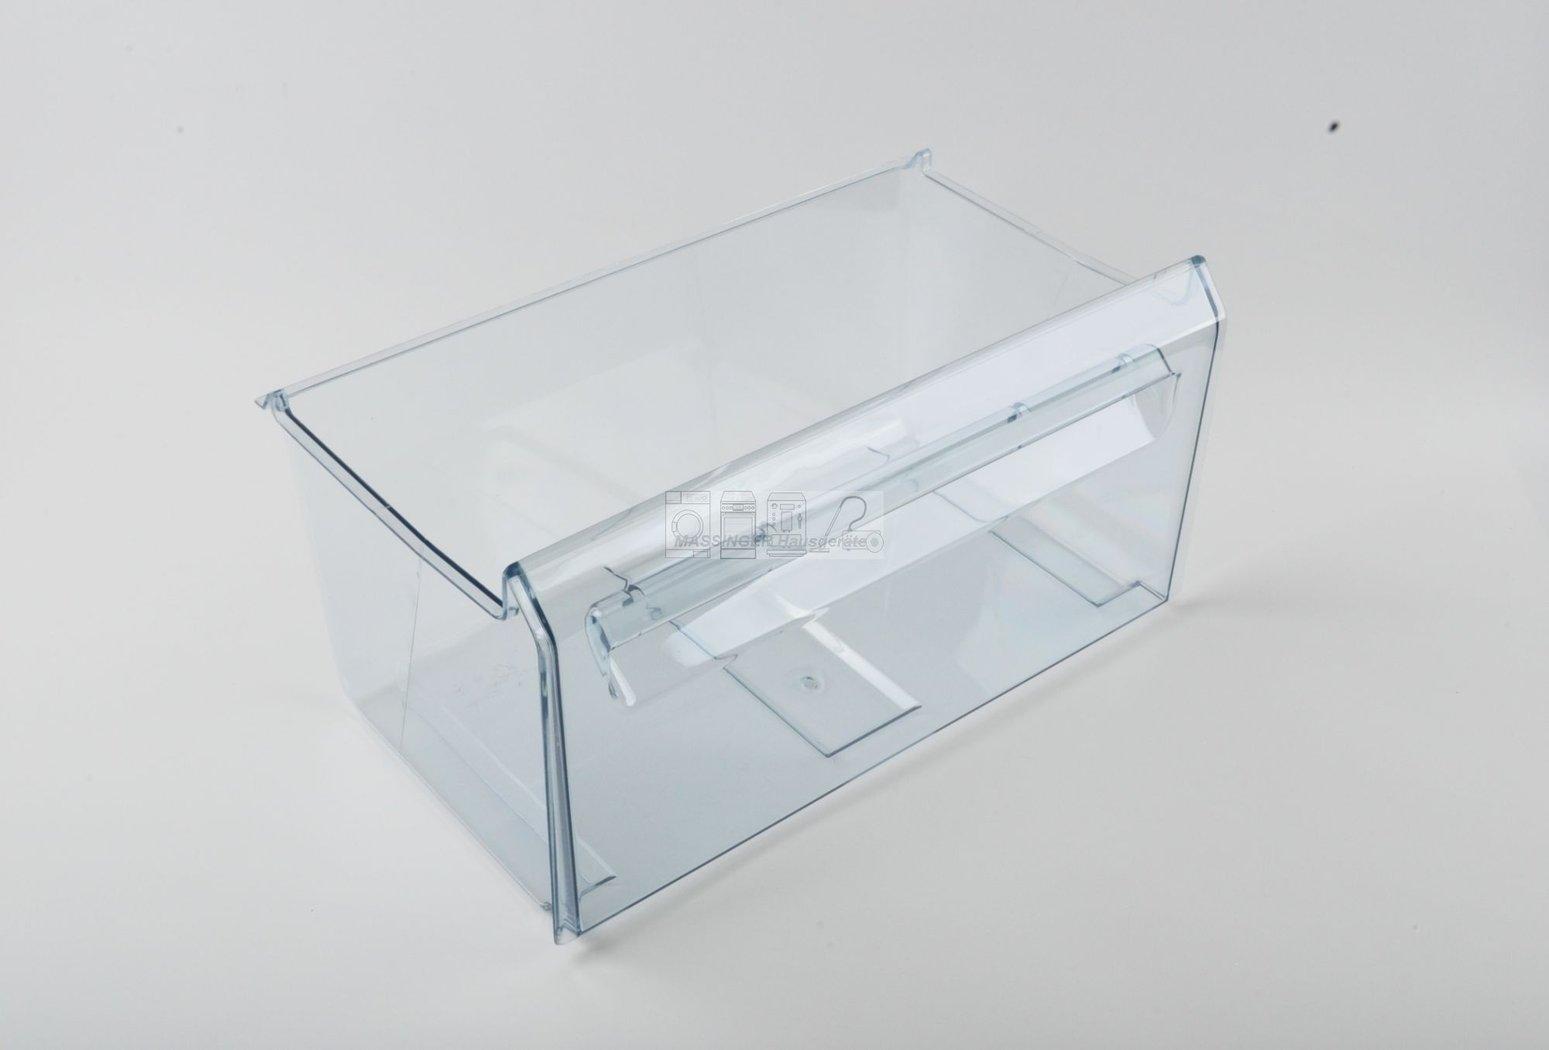 Aeg Kühlschrank Mit Gefrierschrank : Aeg juno untere schublade gefrierschrank 405mm breit 2247086420